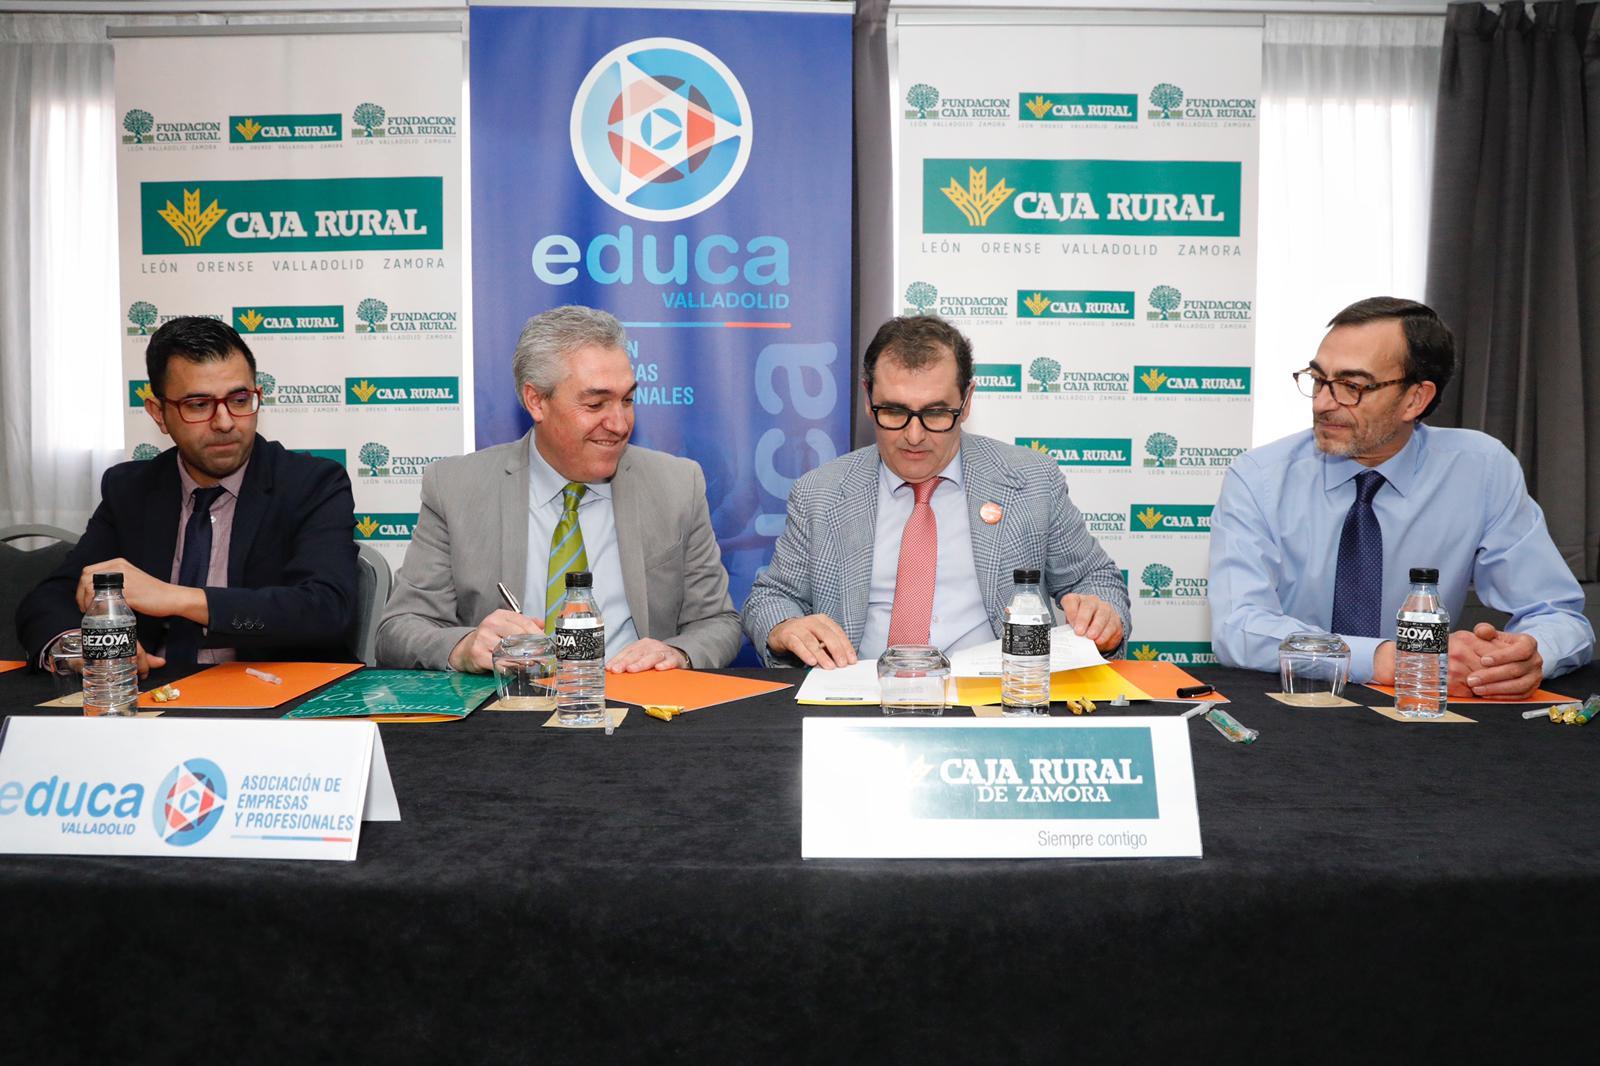 Firma de Caja Rural y EDUCA